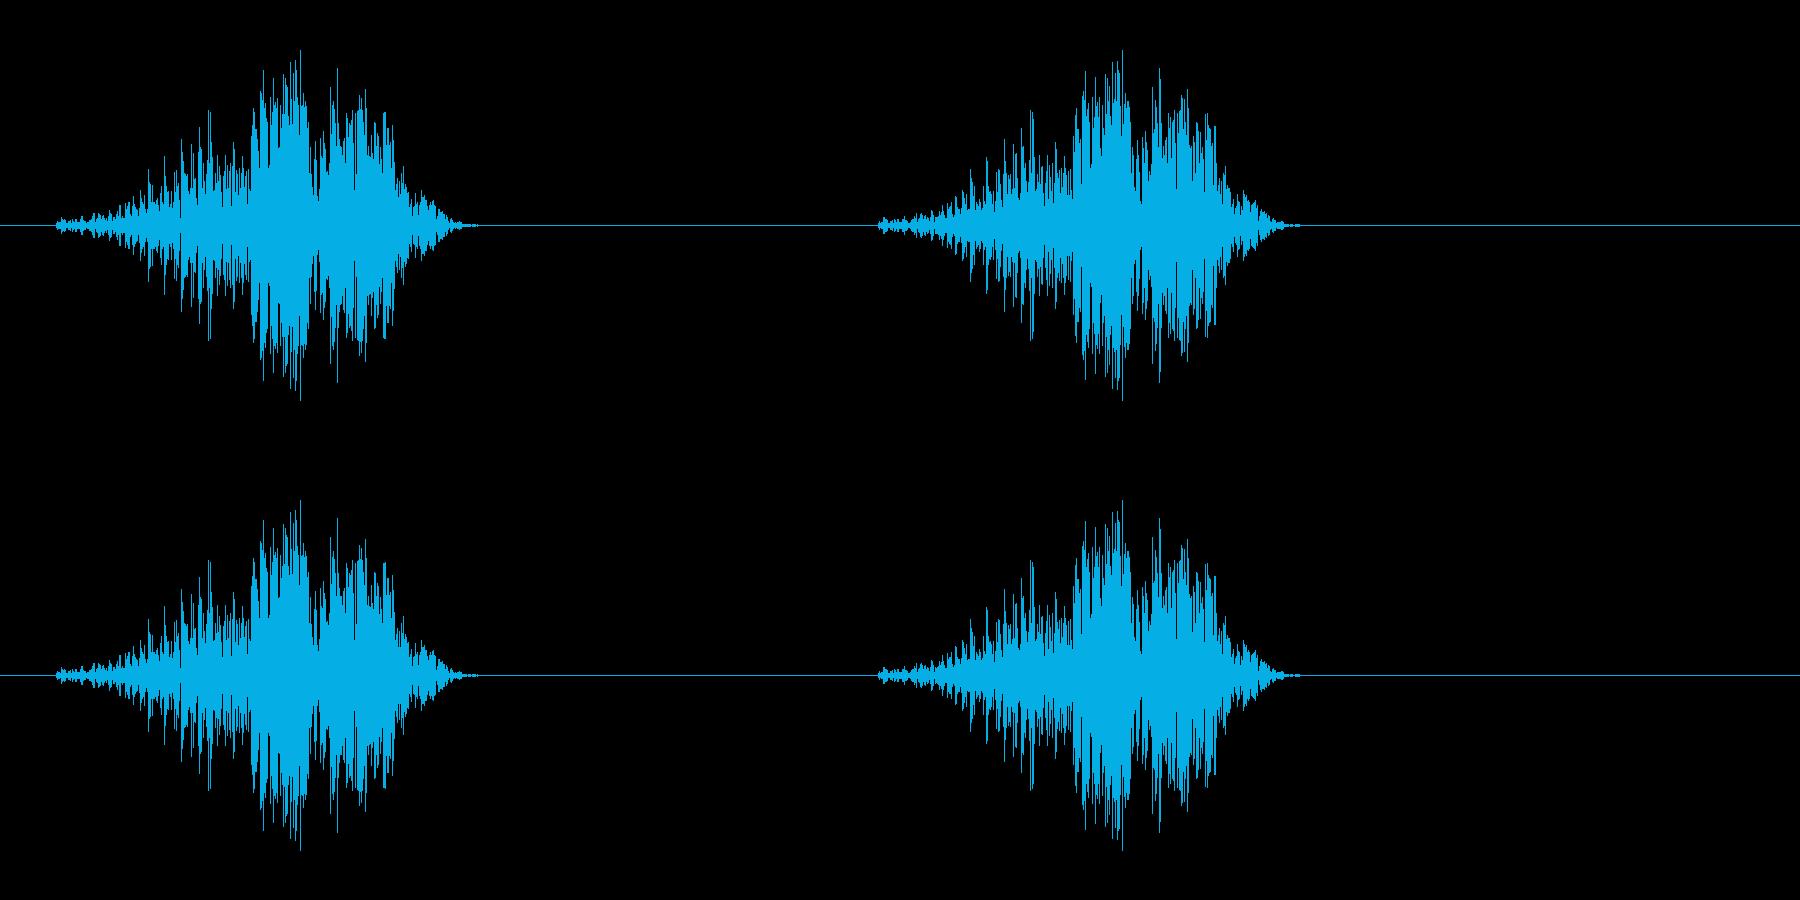 グーグー(いびき、睡眠状態、Zzz)の再生済みの波形